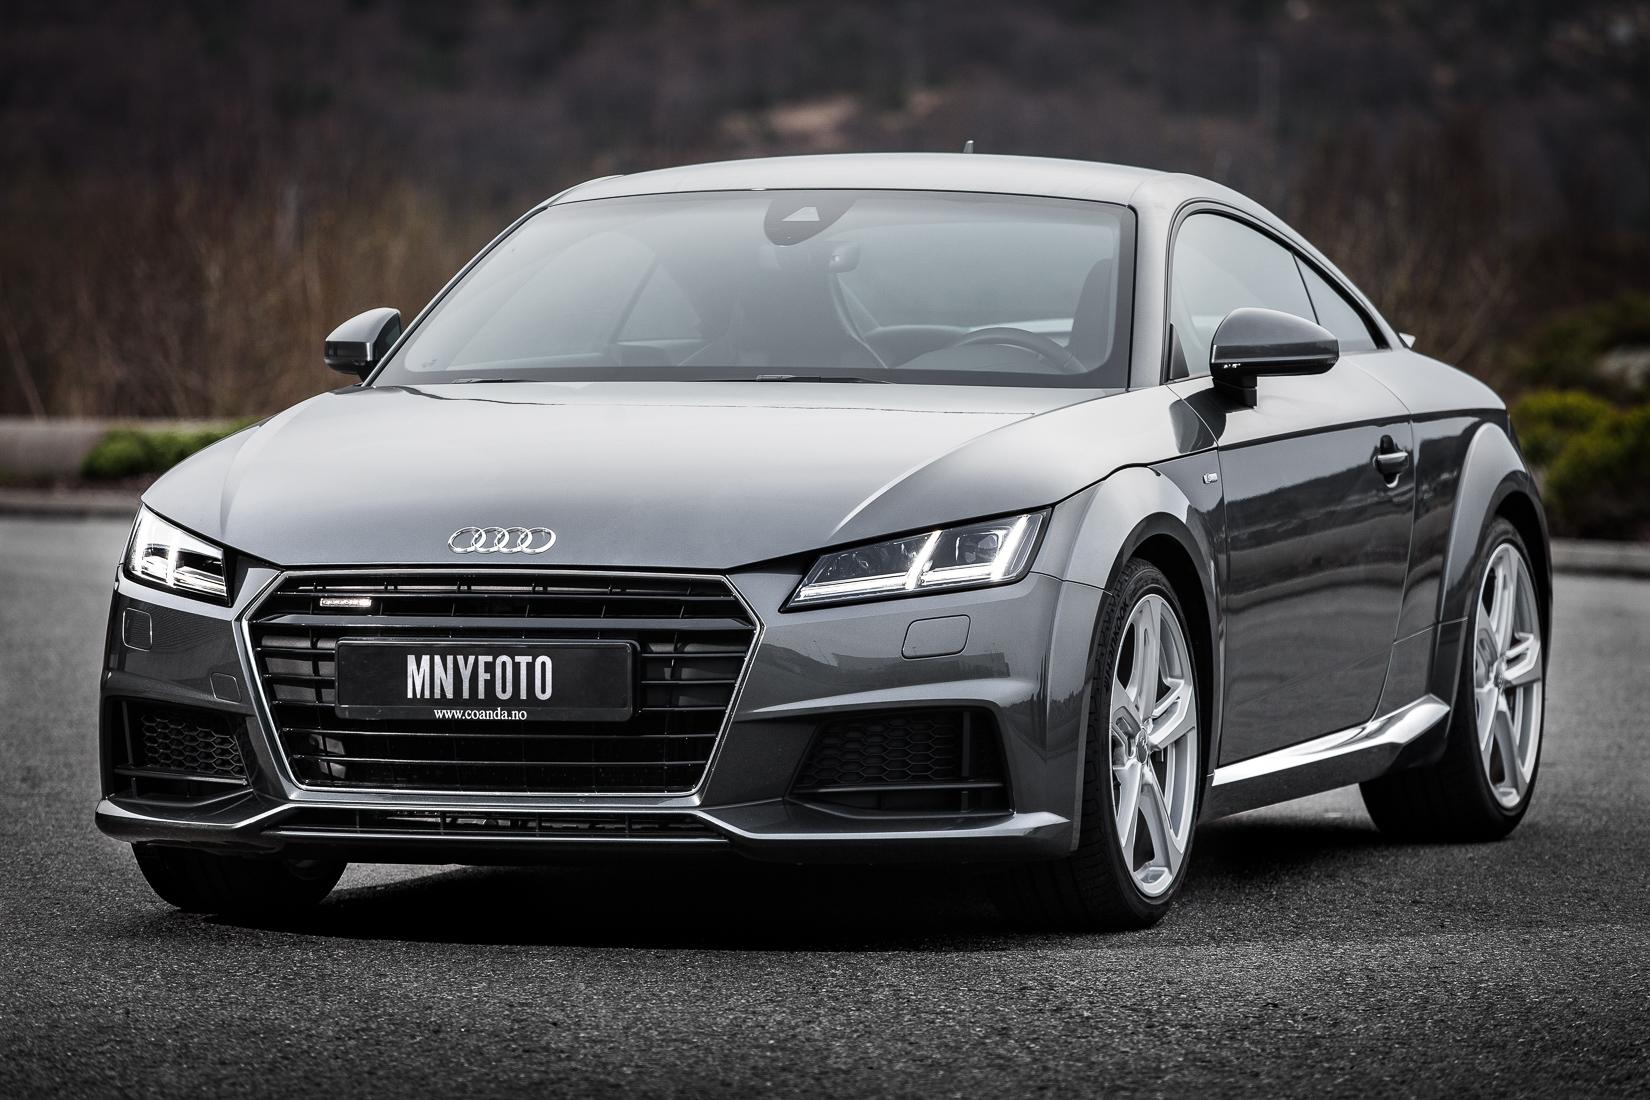 2016 Audi TT | MNYFOTO